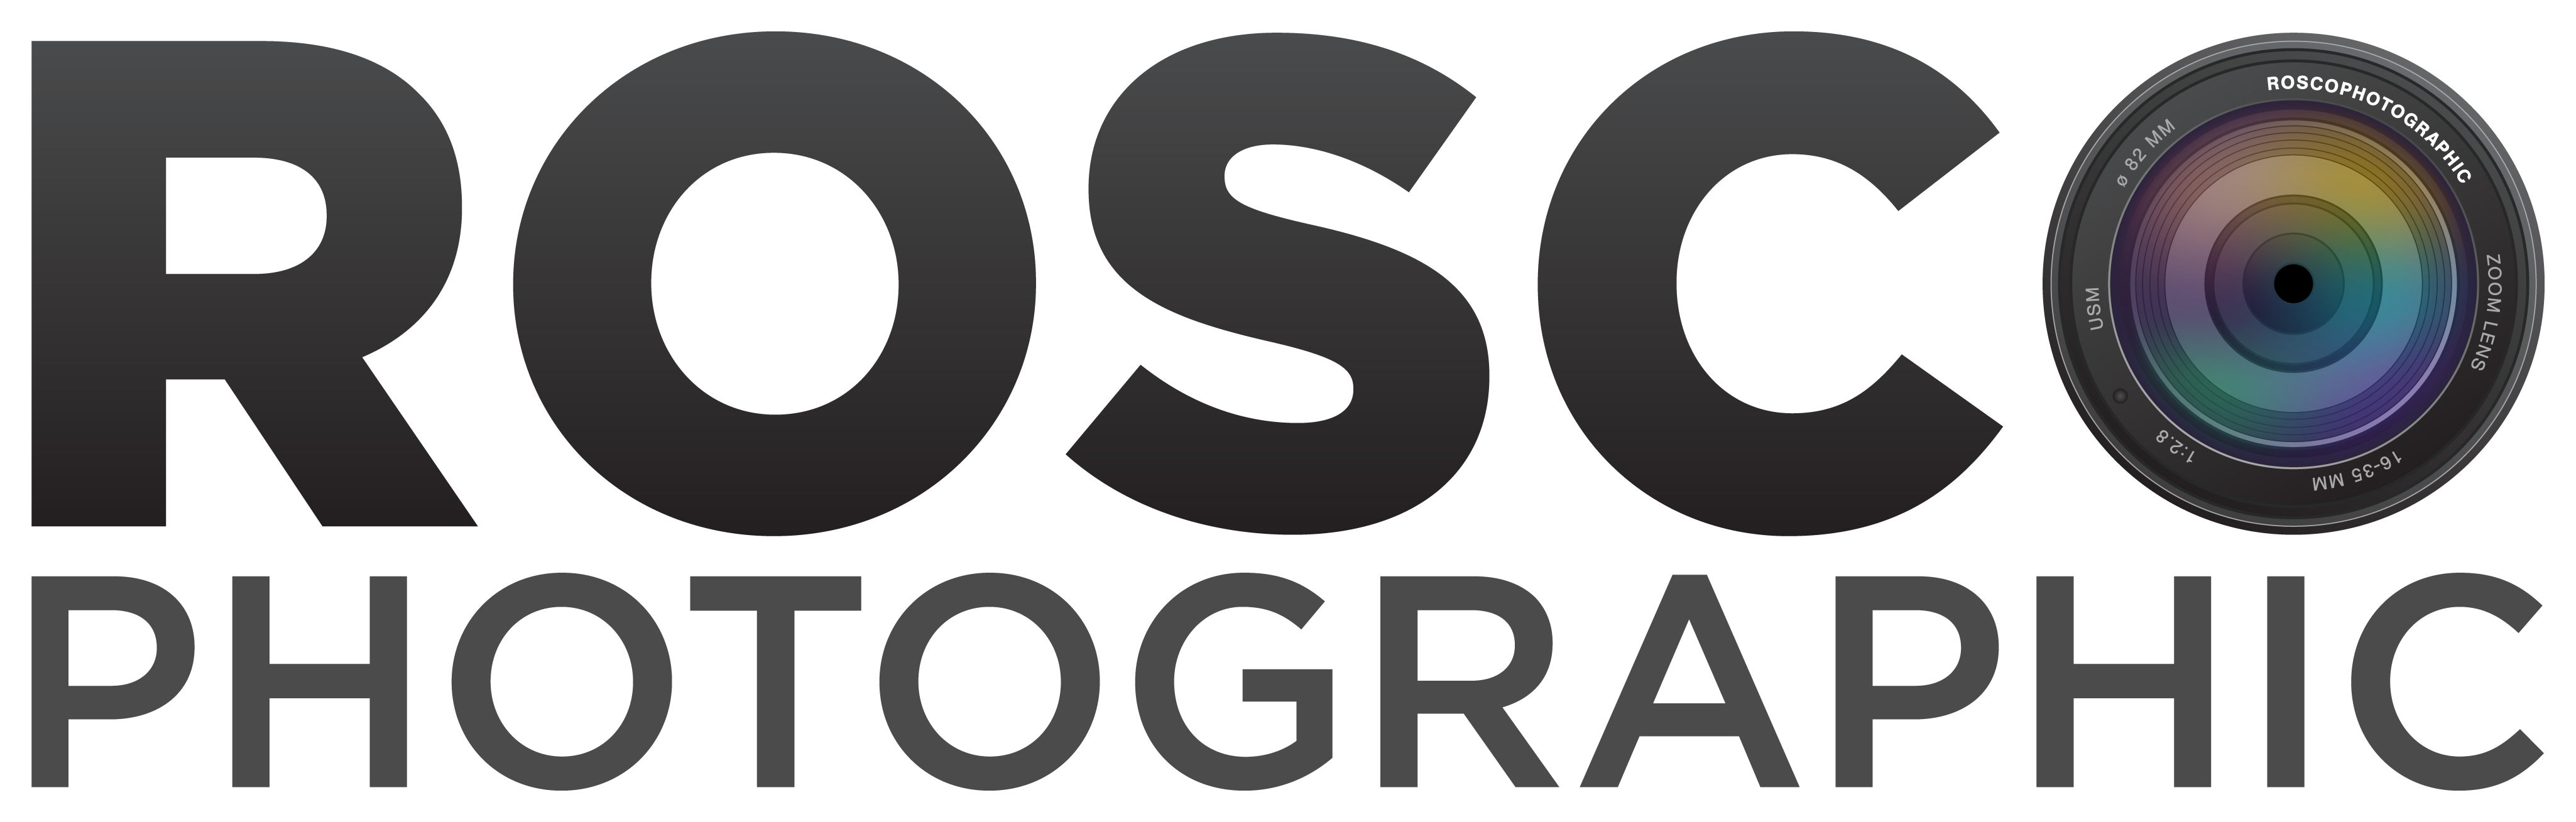 RoscoPhotographic